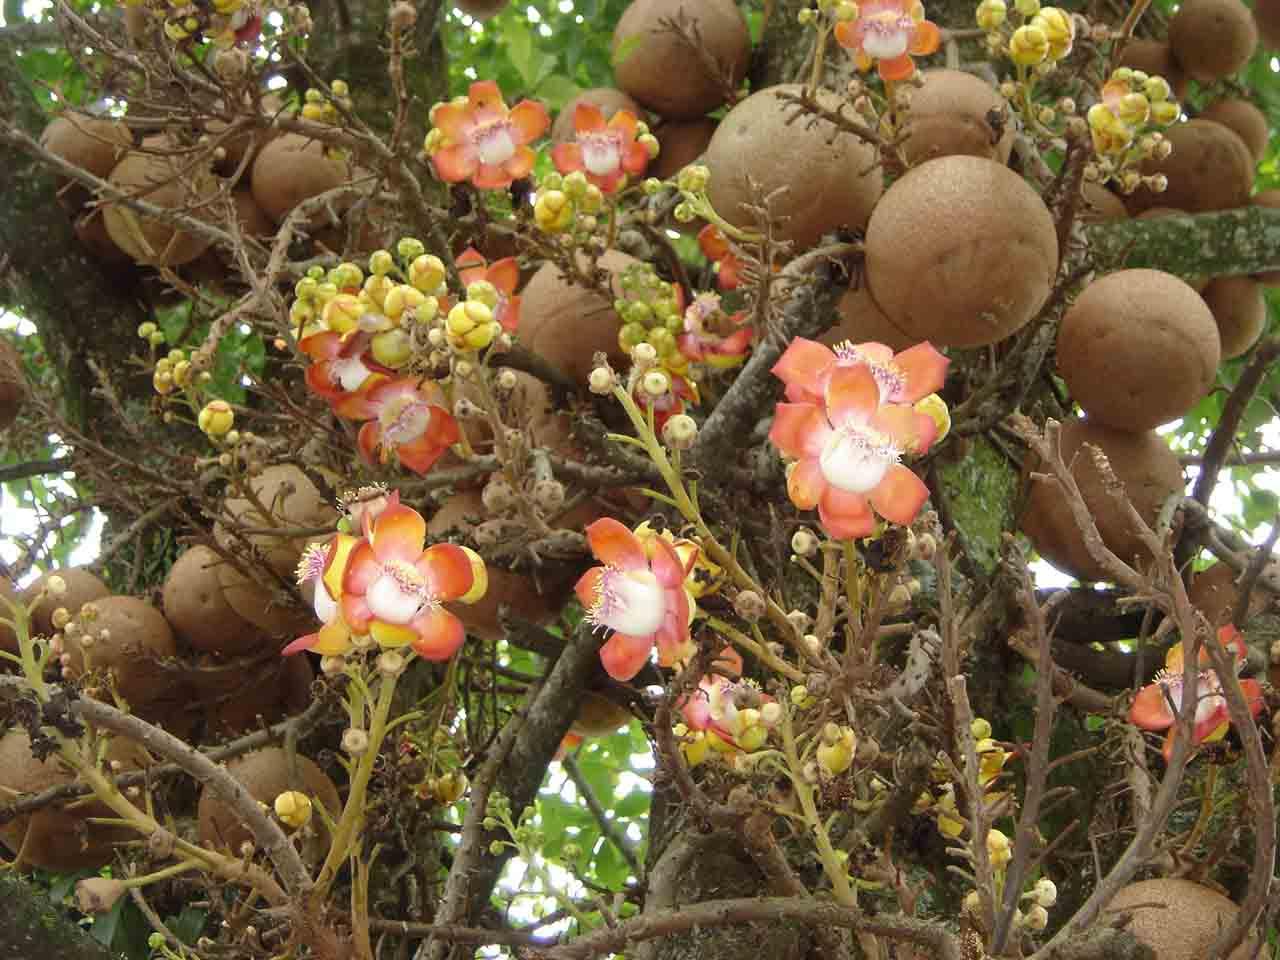 Loài cây nở hoa tuyệt đẹp nhưng không ai dám lại gần chỉ vì... Loai-cay-no-hoa-cuc-dep-nhung-khong-ai-dam-lai-gan_0d8b3d100b